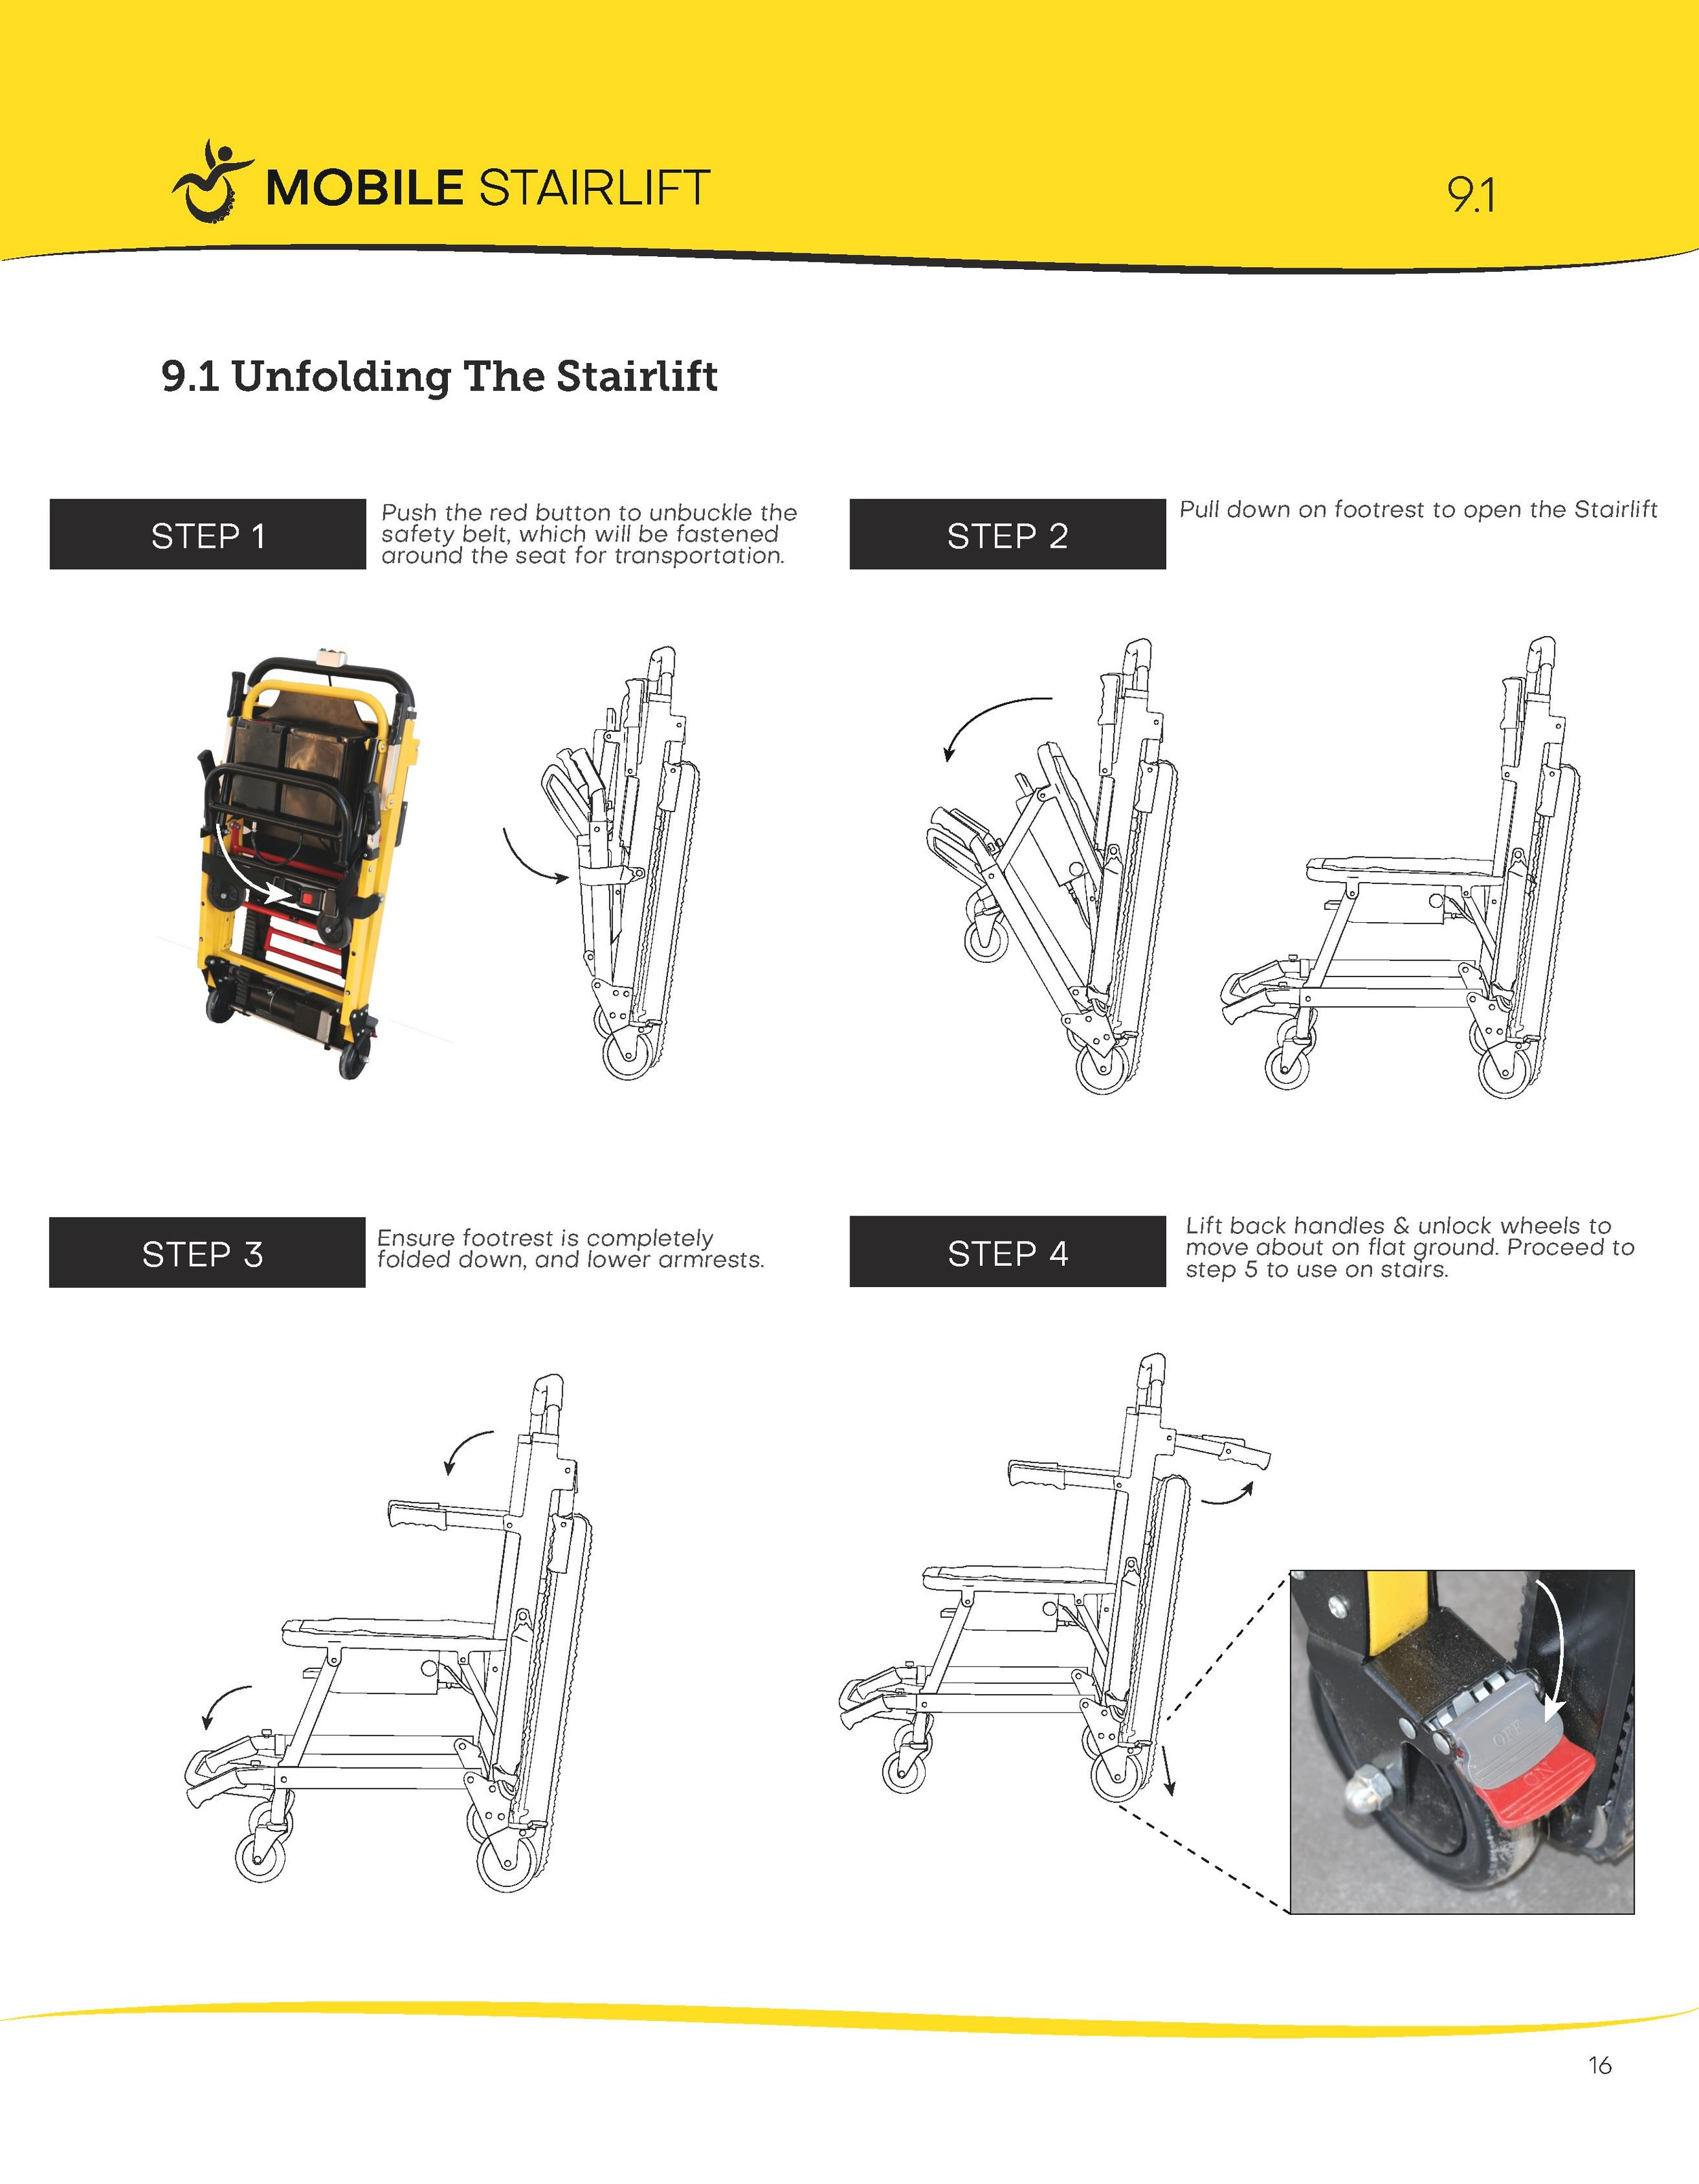 Mobile Stairlift Instruction Manual-17.jpg